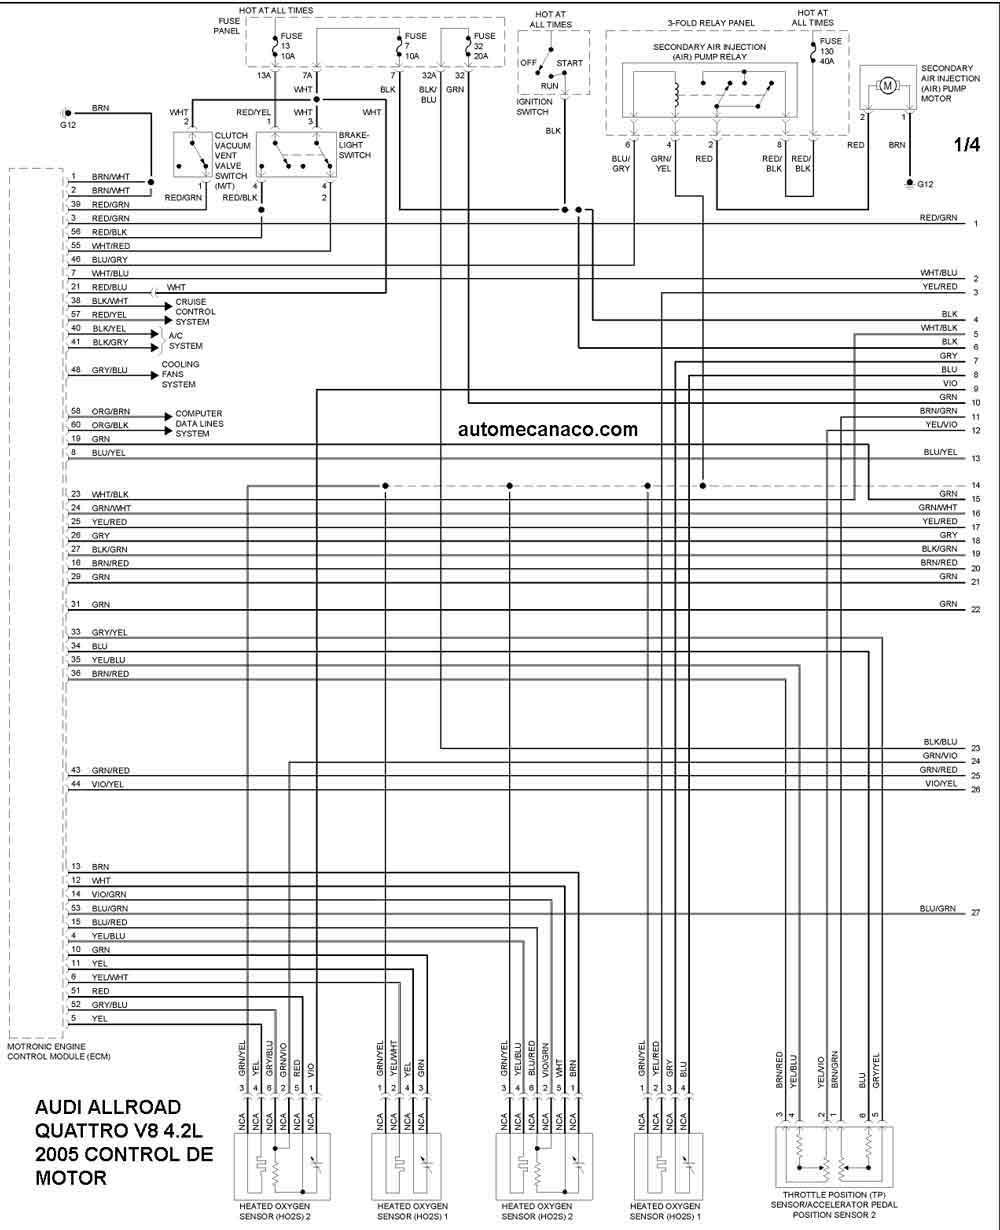 audi 4 2 v8 Diagrama del motor